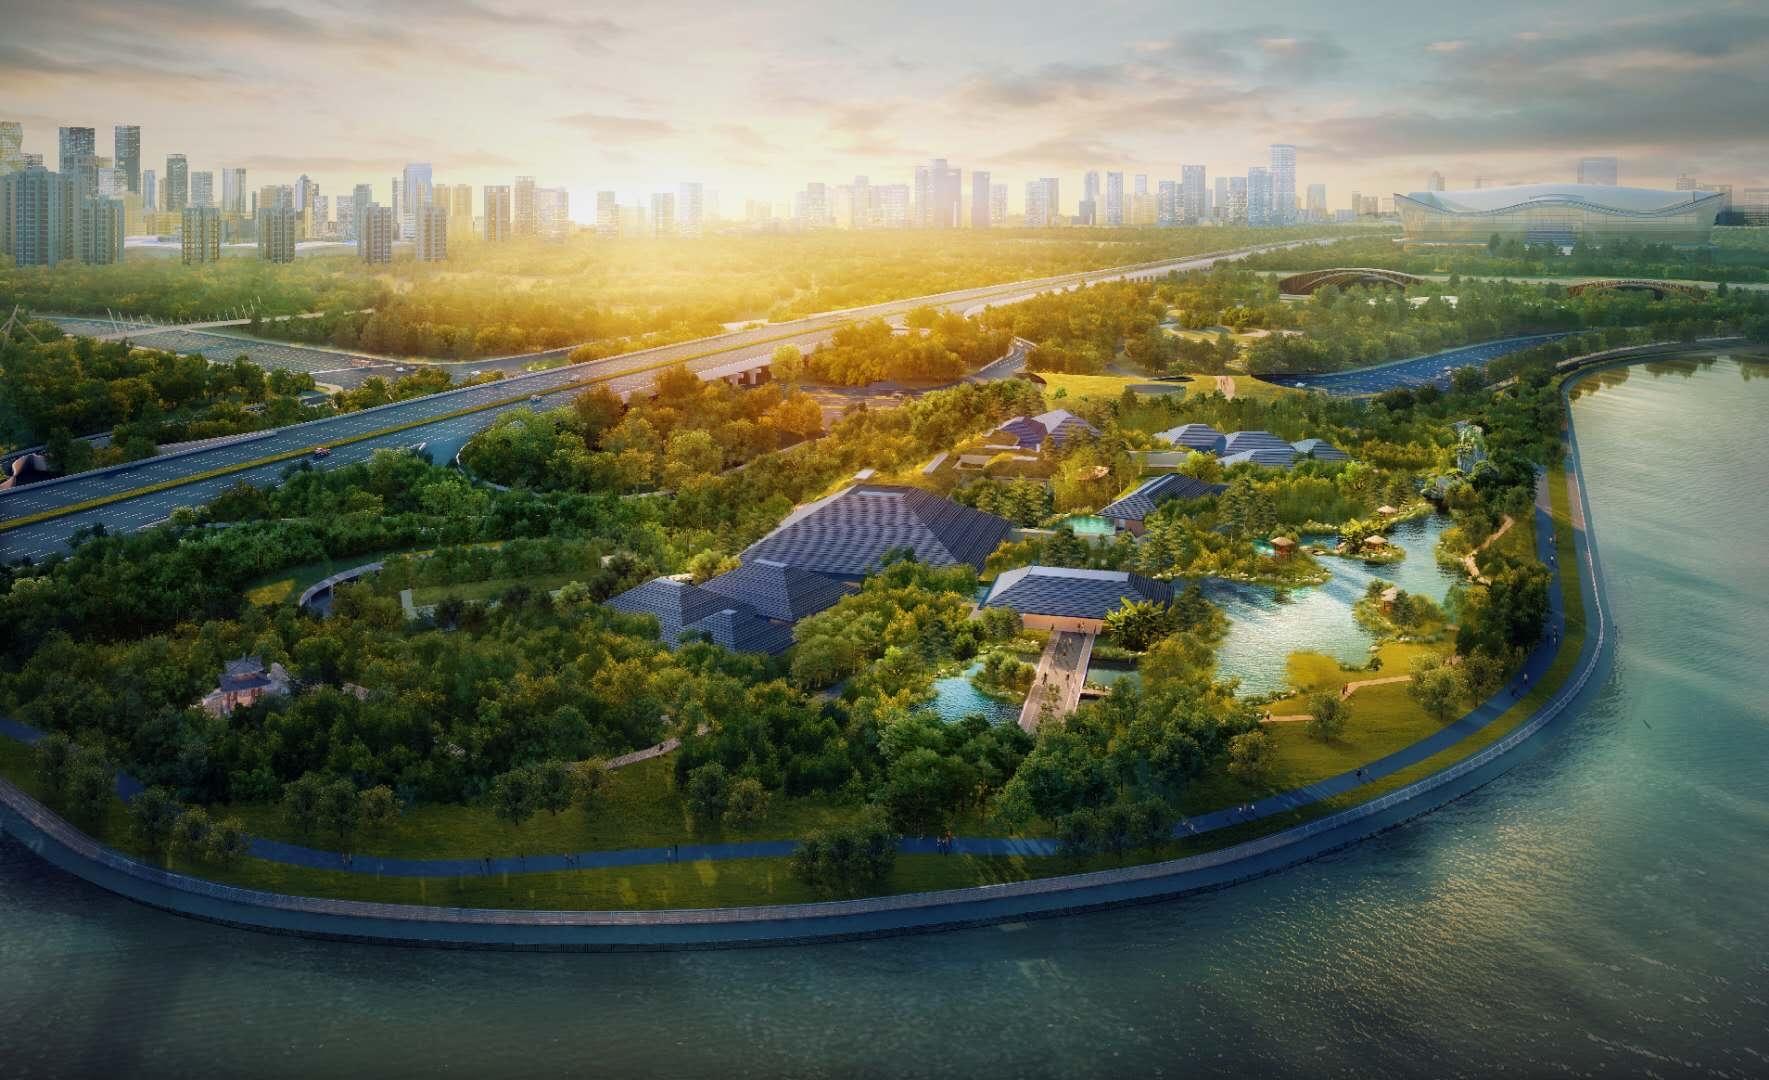 这么美的张大千艺术博物馆 想看不?预计明年9月在锦城公园落成